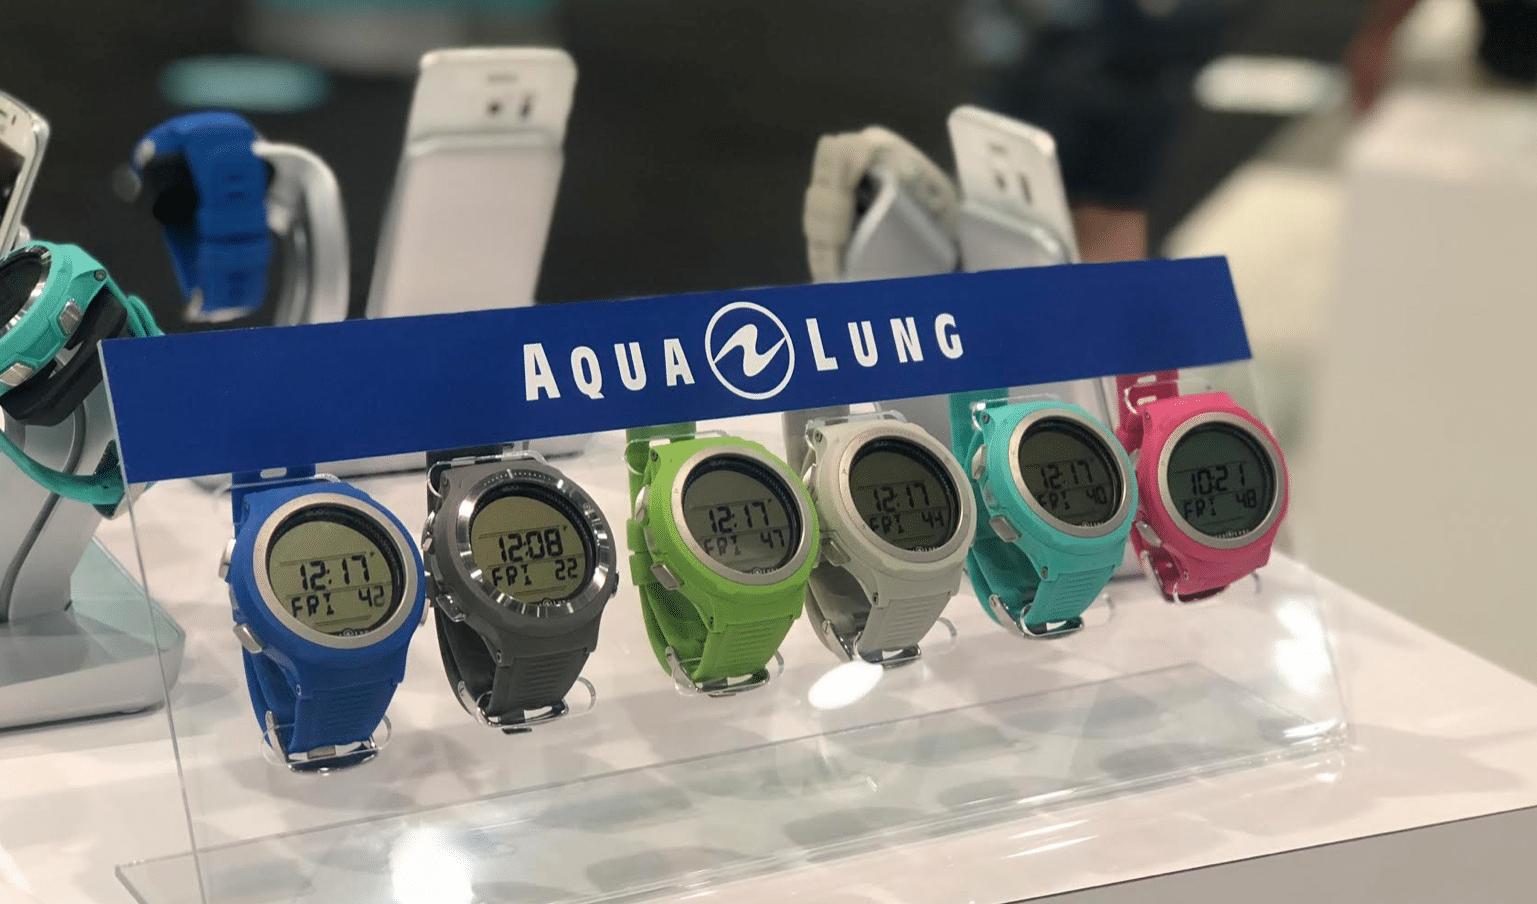 AquaLung's new I200C dive watch.